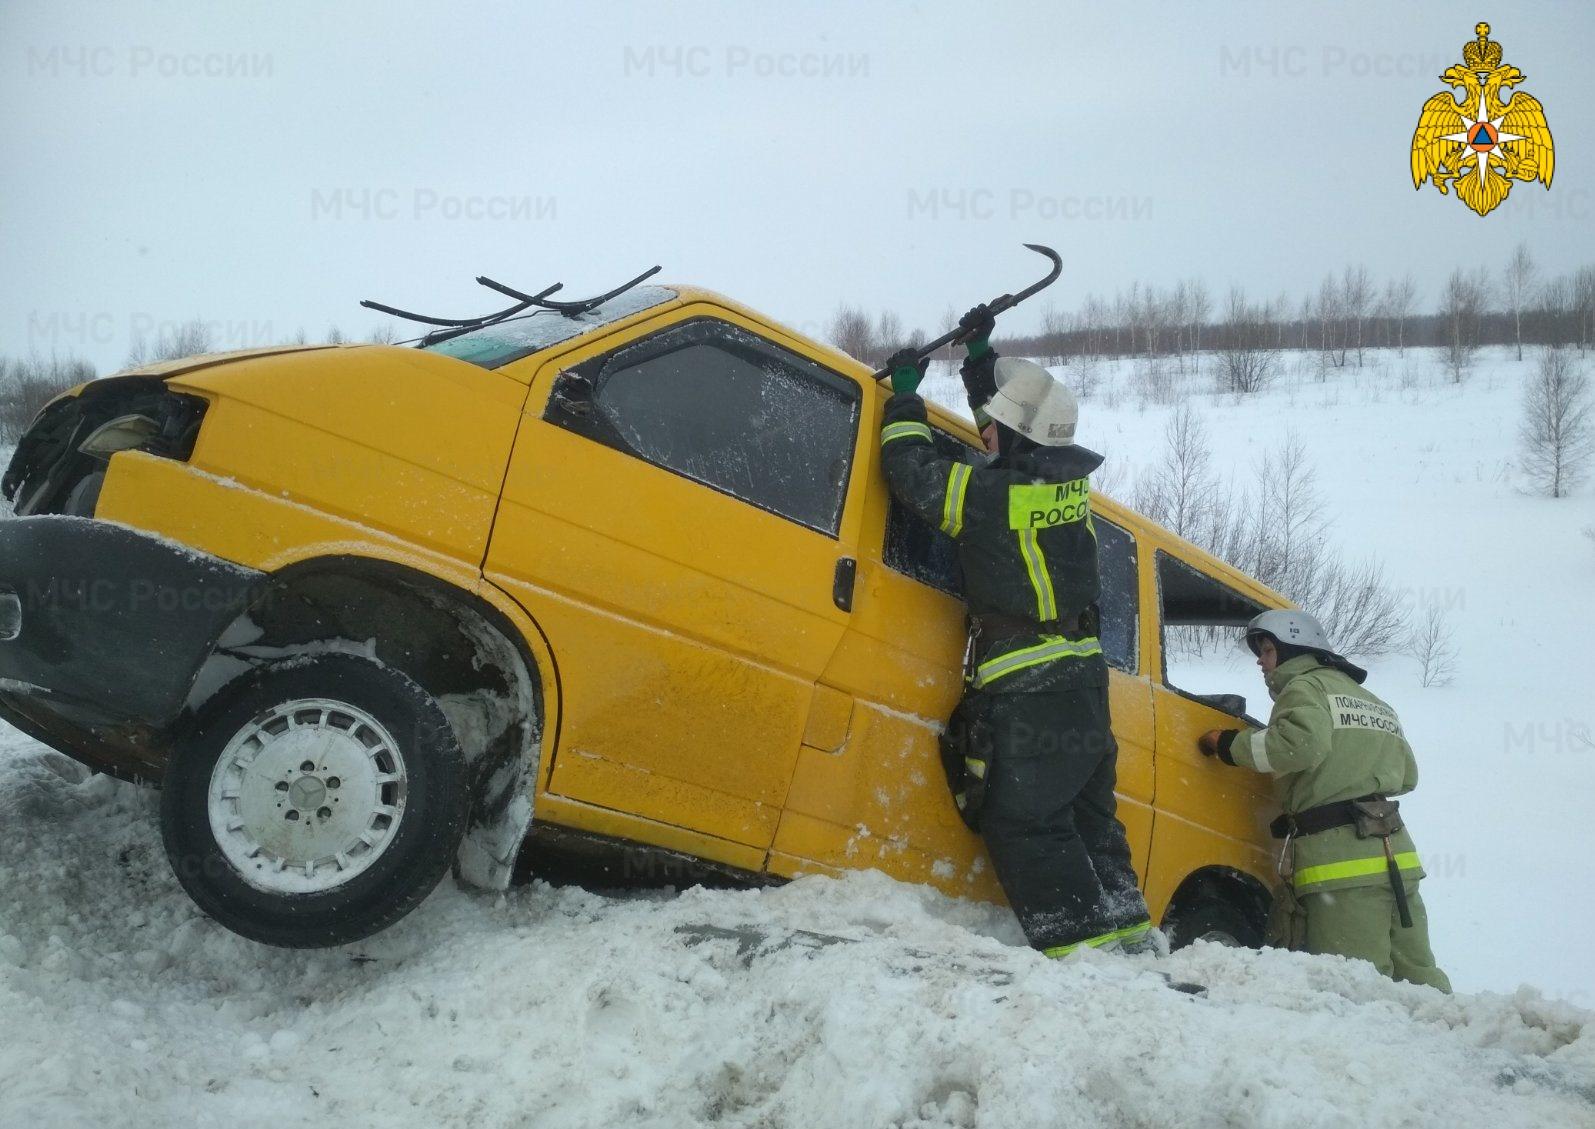 Спасатели МЧС принимали участие в ликвидации ДТП в Мещовском районе, 224 км автодорога М-3 «Украина»